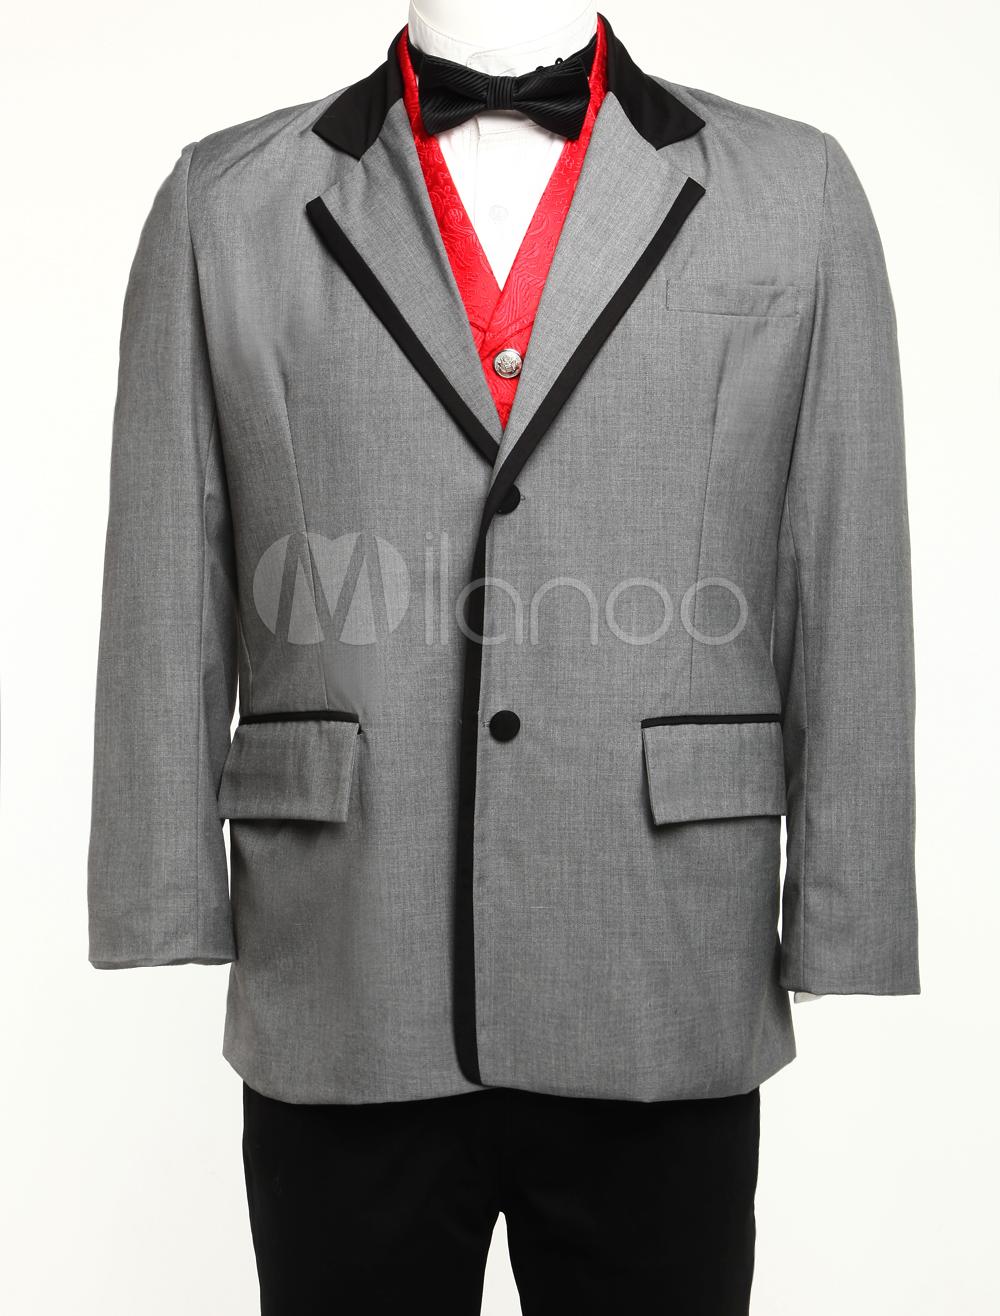 Buy Vintage Coat Costume Men's Victorian Era Retro Overcoat Halloween for $90.99 in Milanoo store